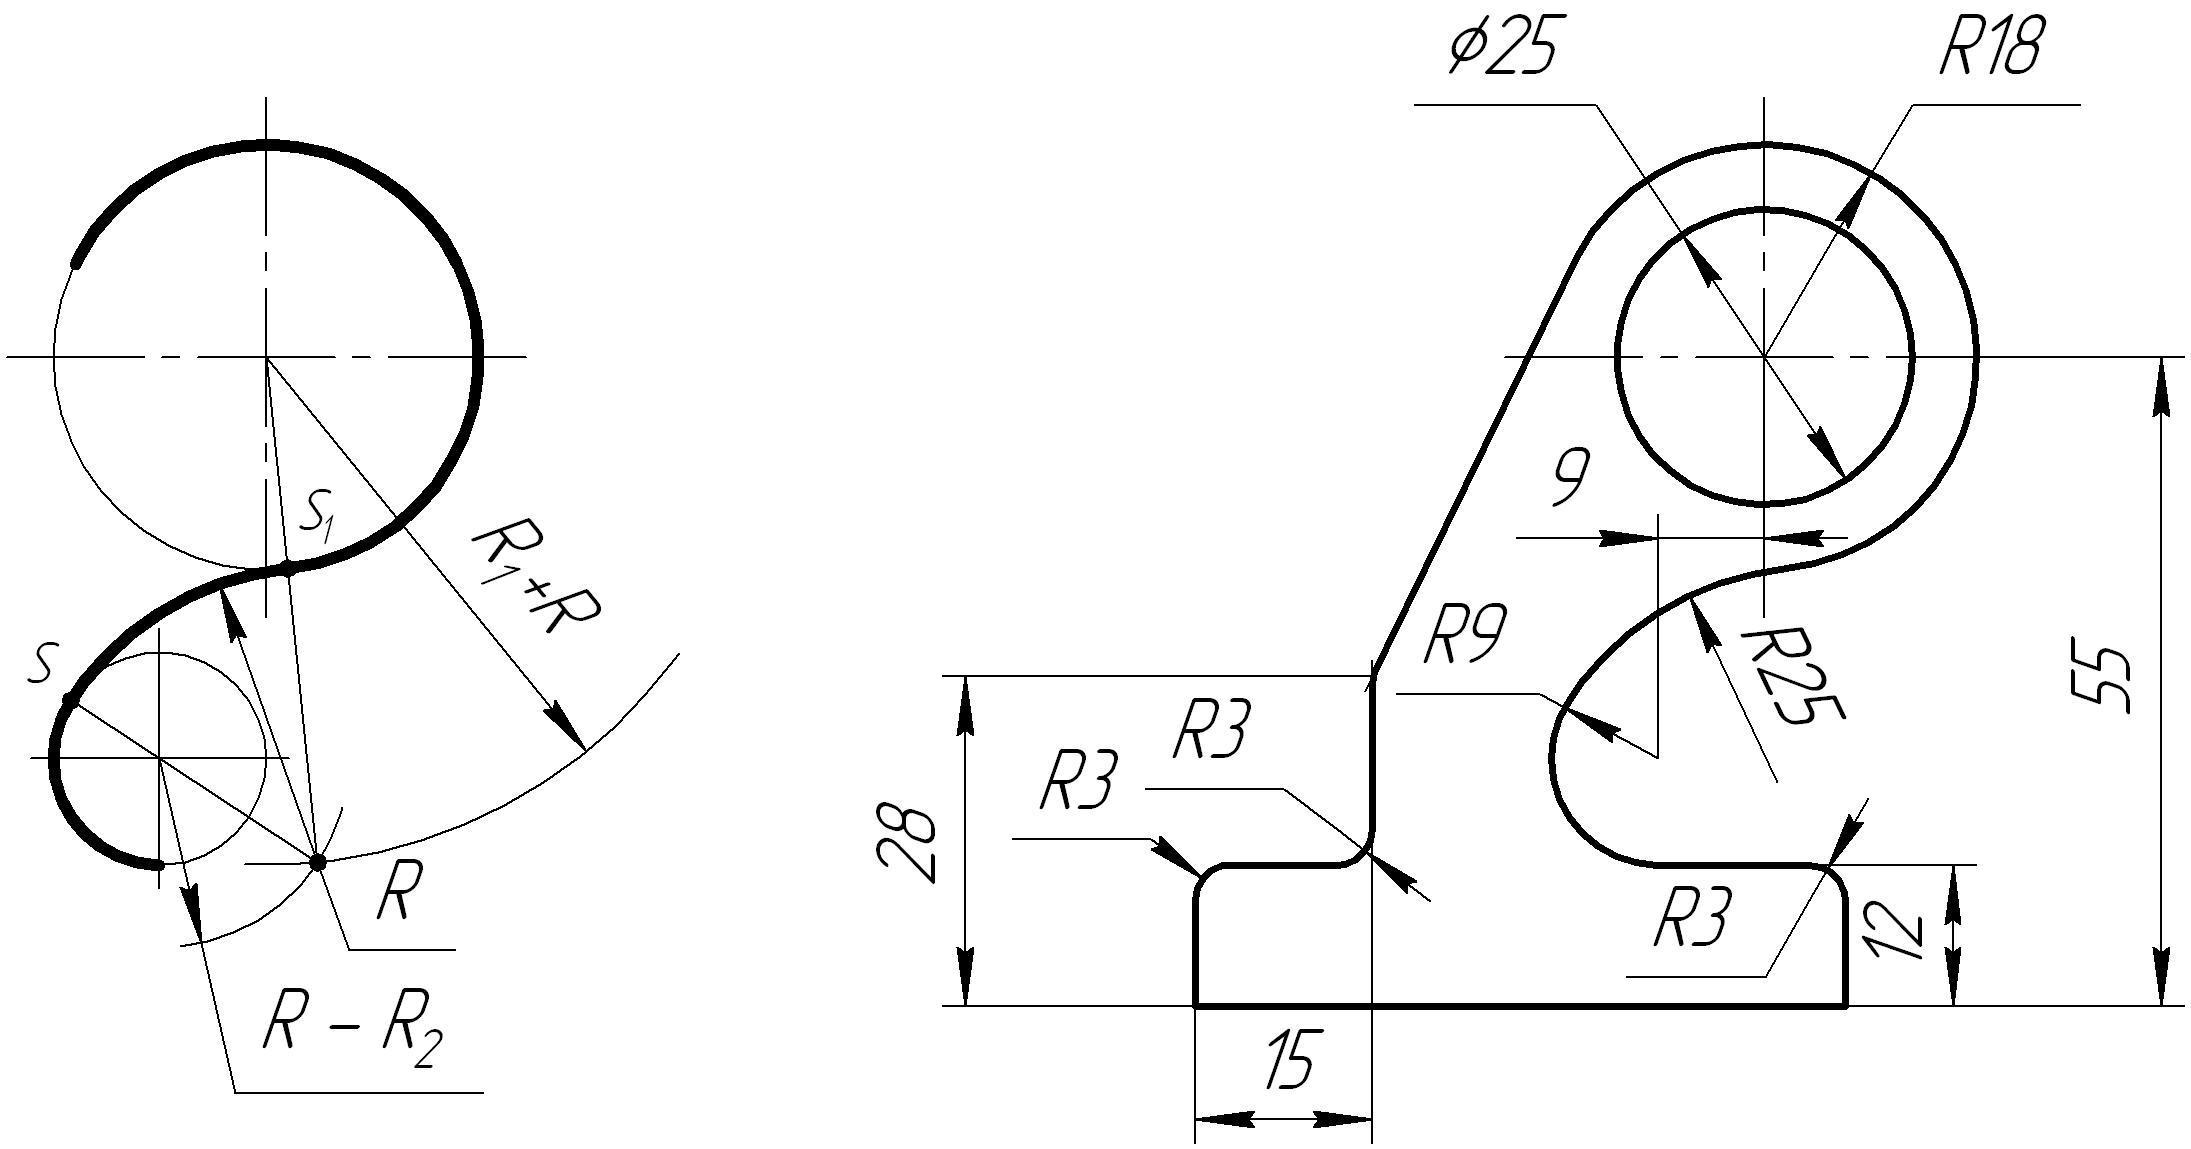 картинки сопряжение черчение кадрах модель вместе